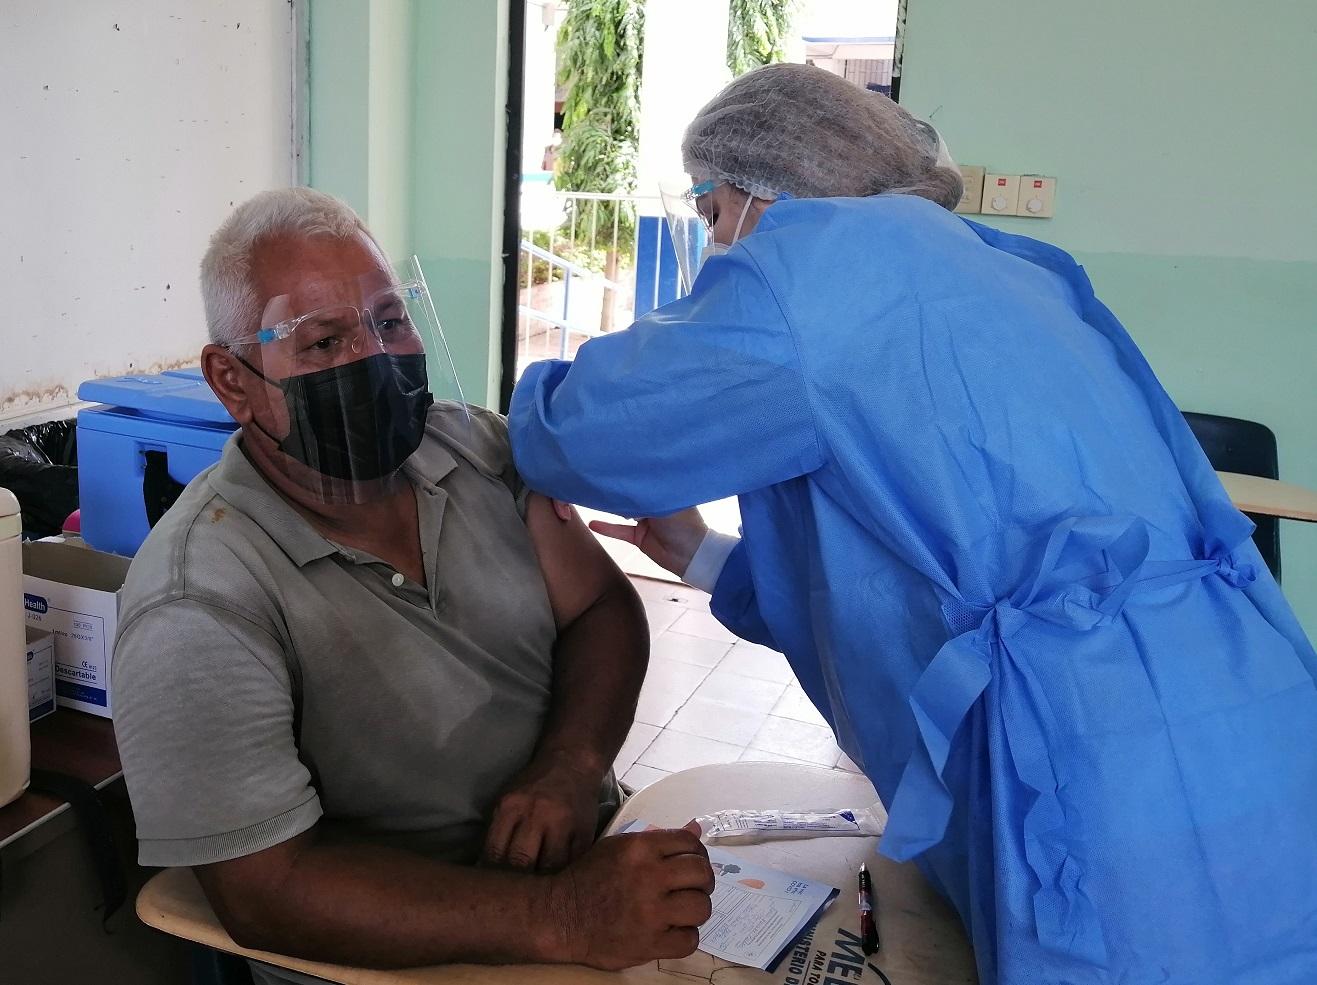 El centro de vacunación está ubicado en el circuito 6-1. Foto: Thays Domínguez